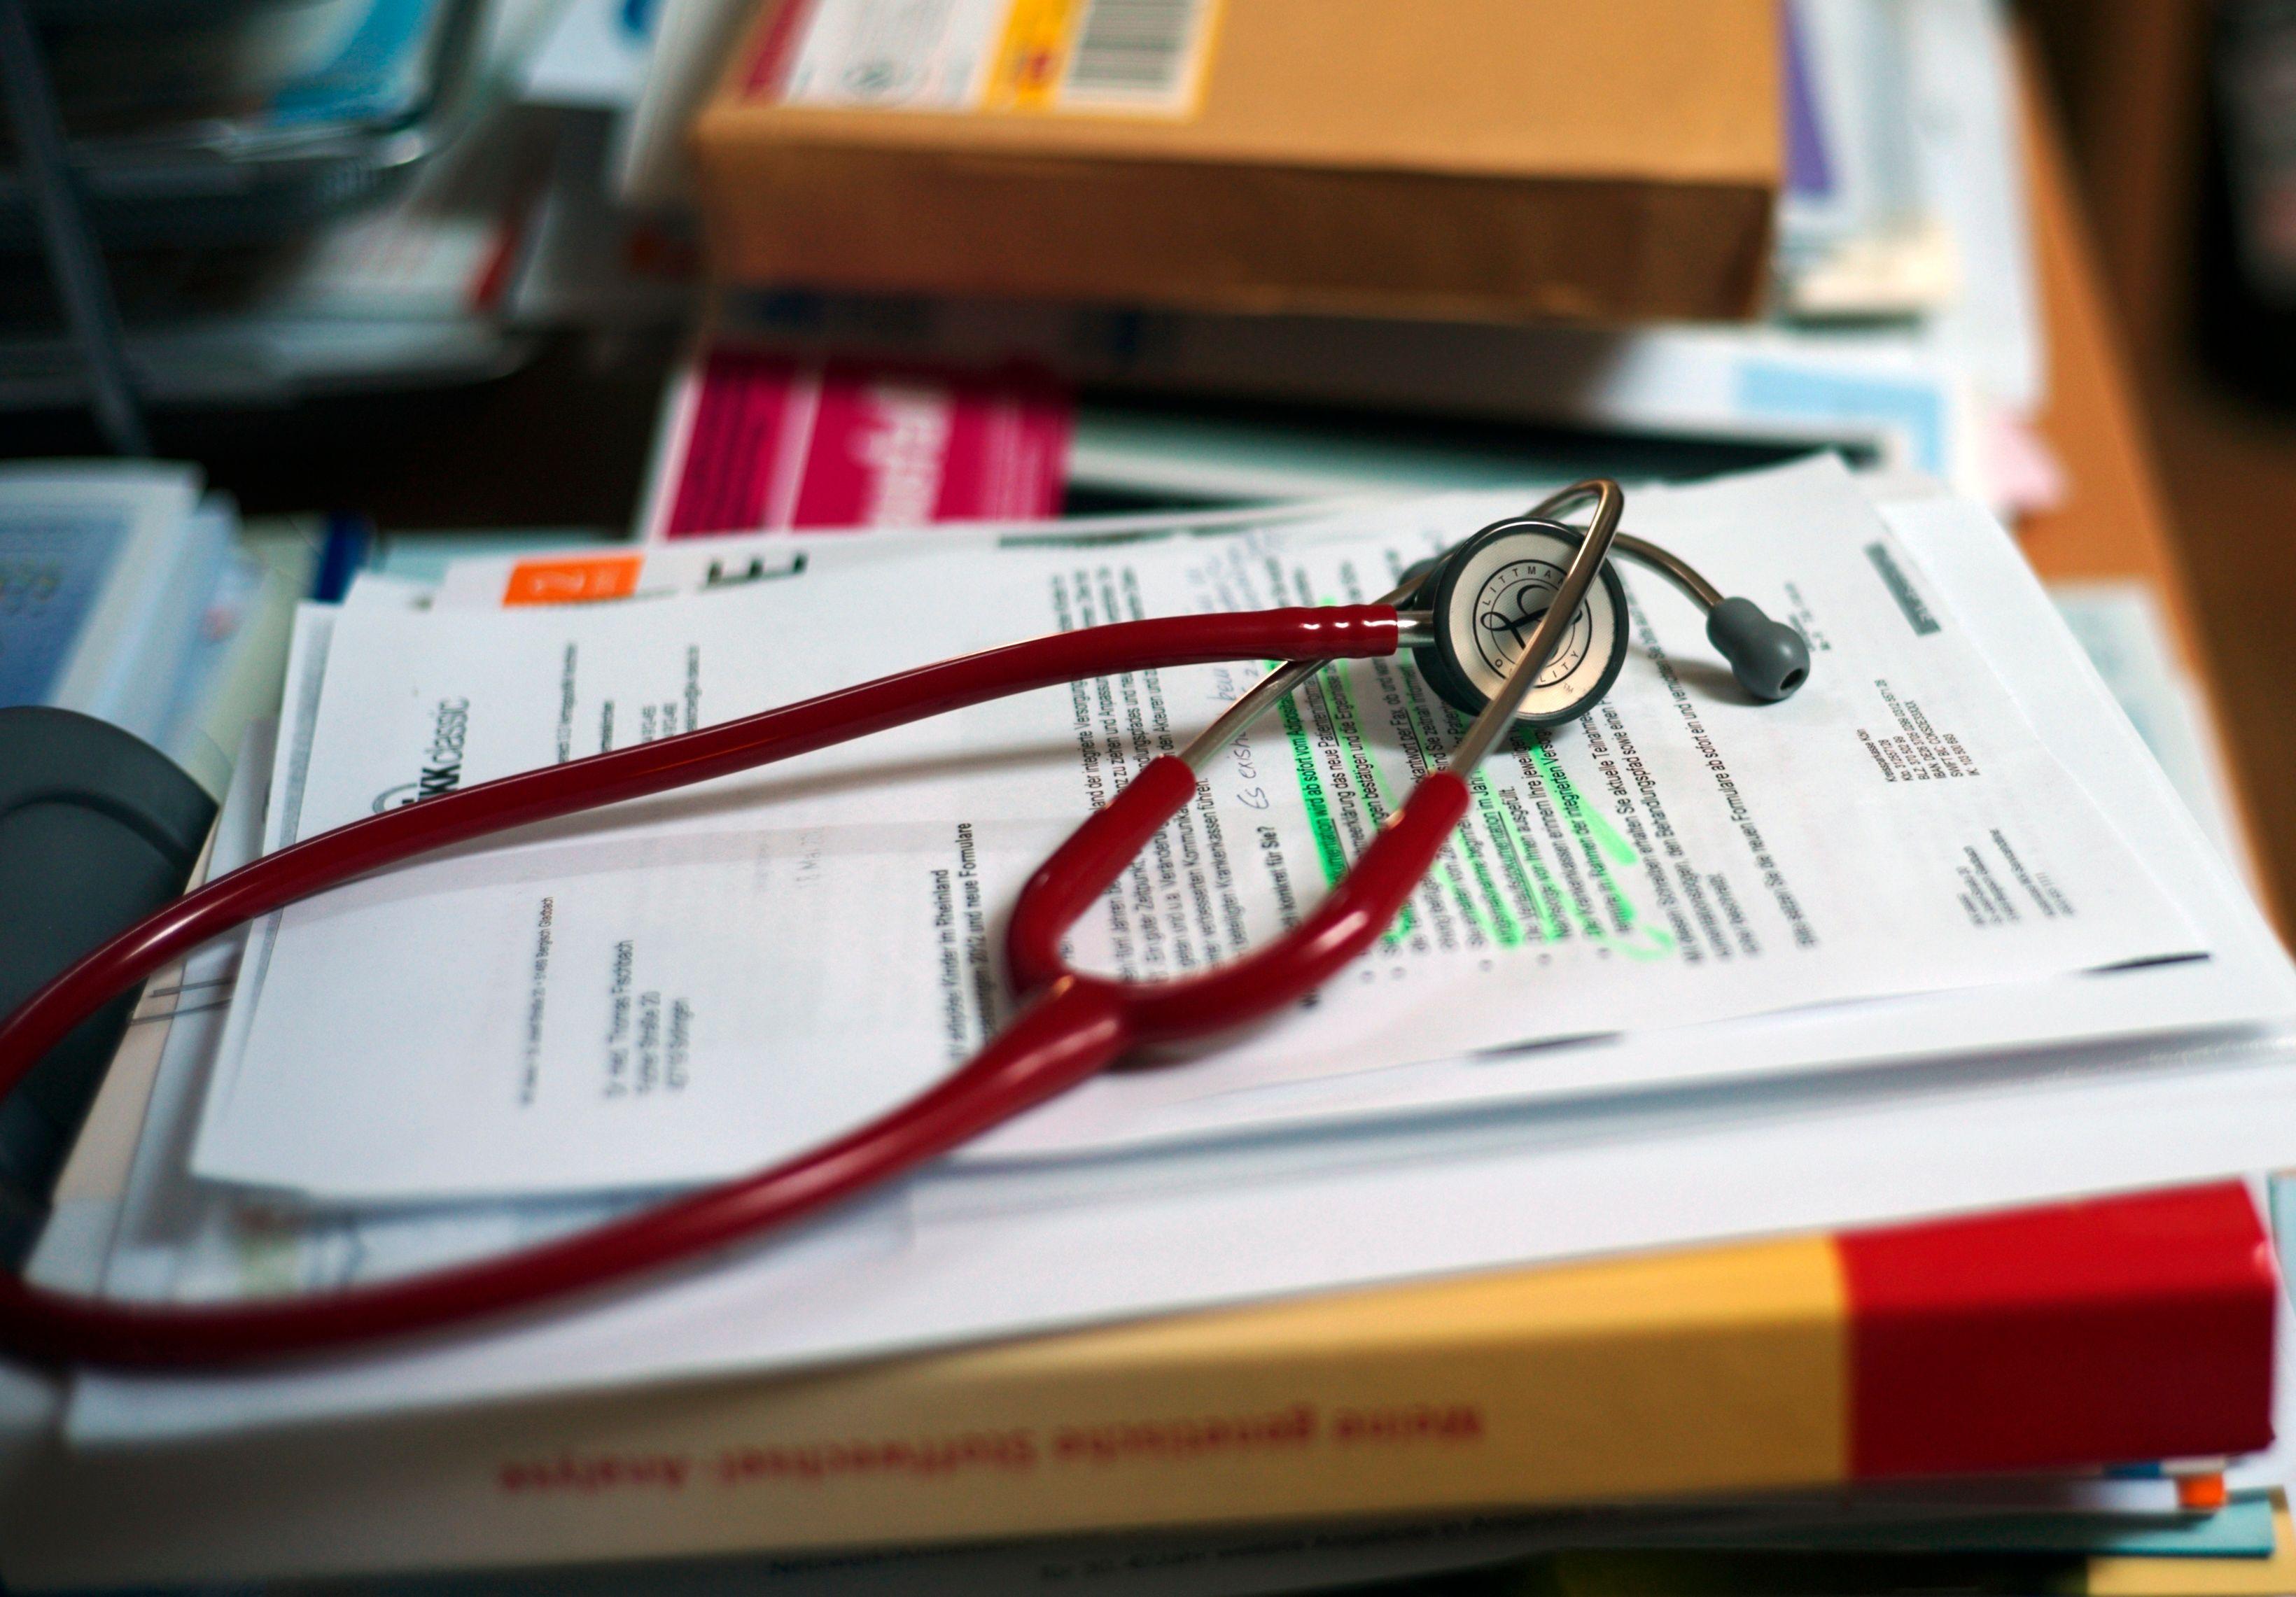 Les médecins sont actuellement en grève et ce, jusqu'à la fin de l'année